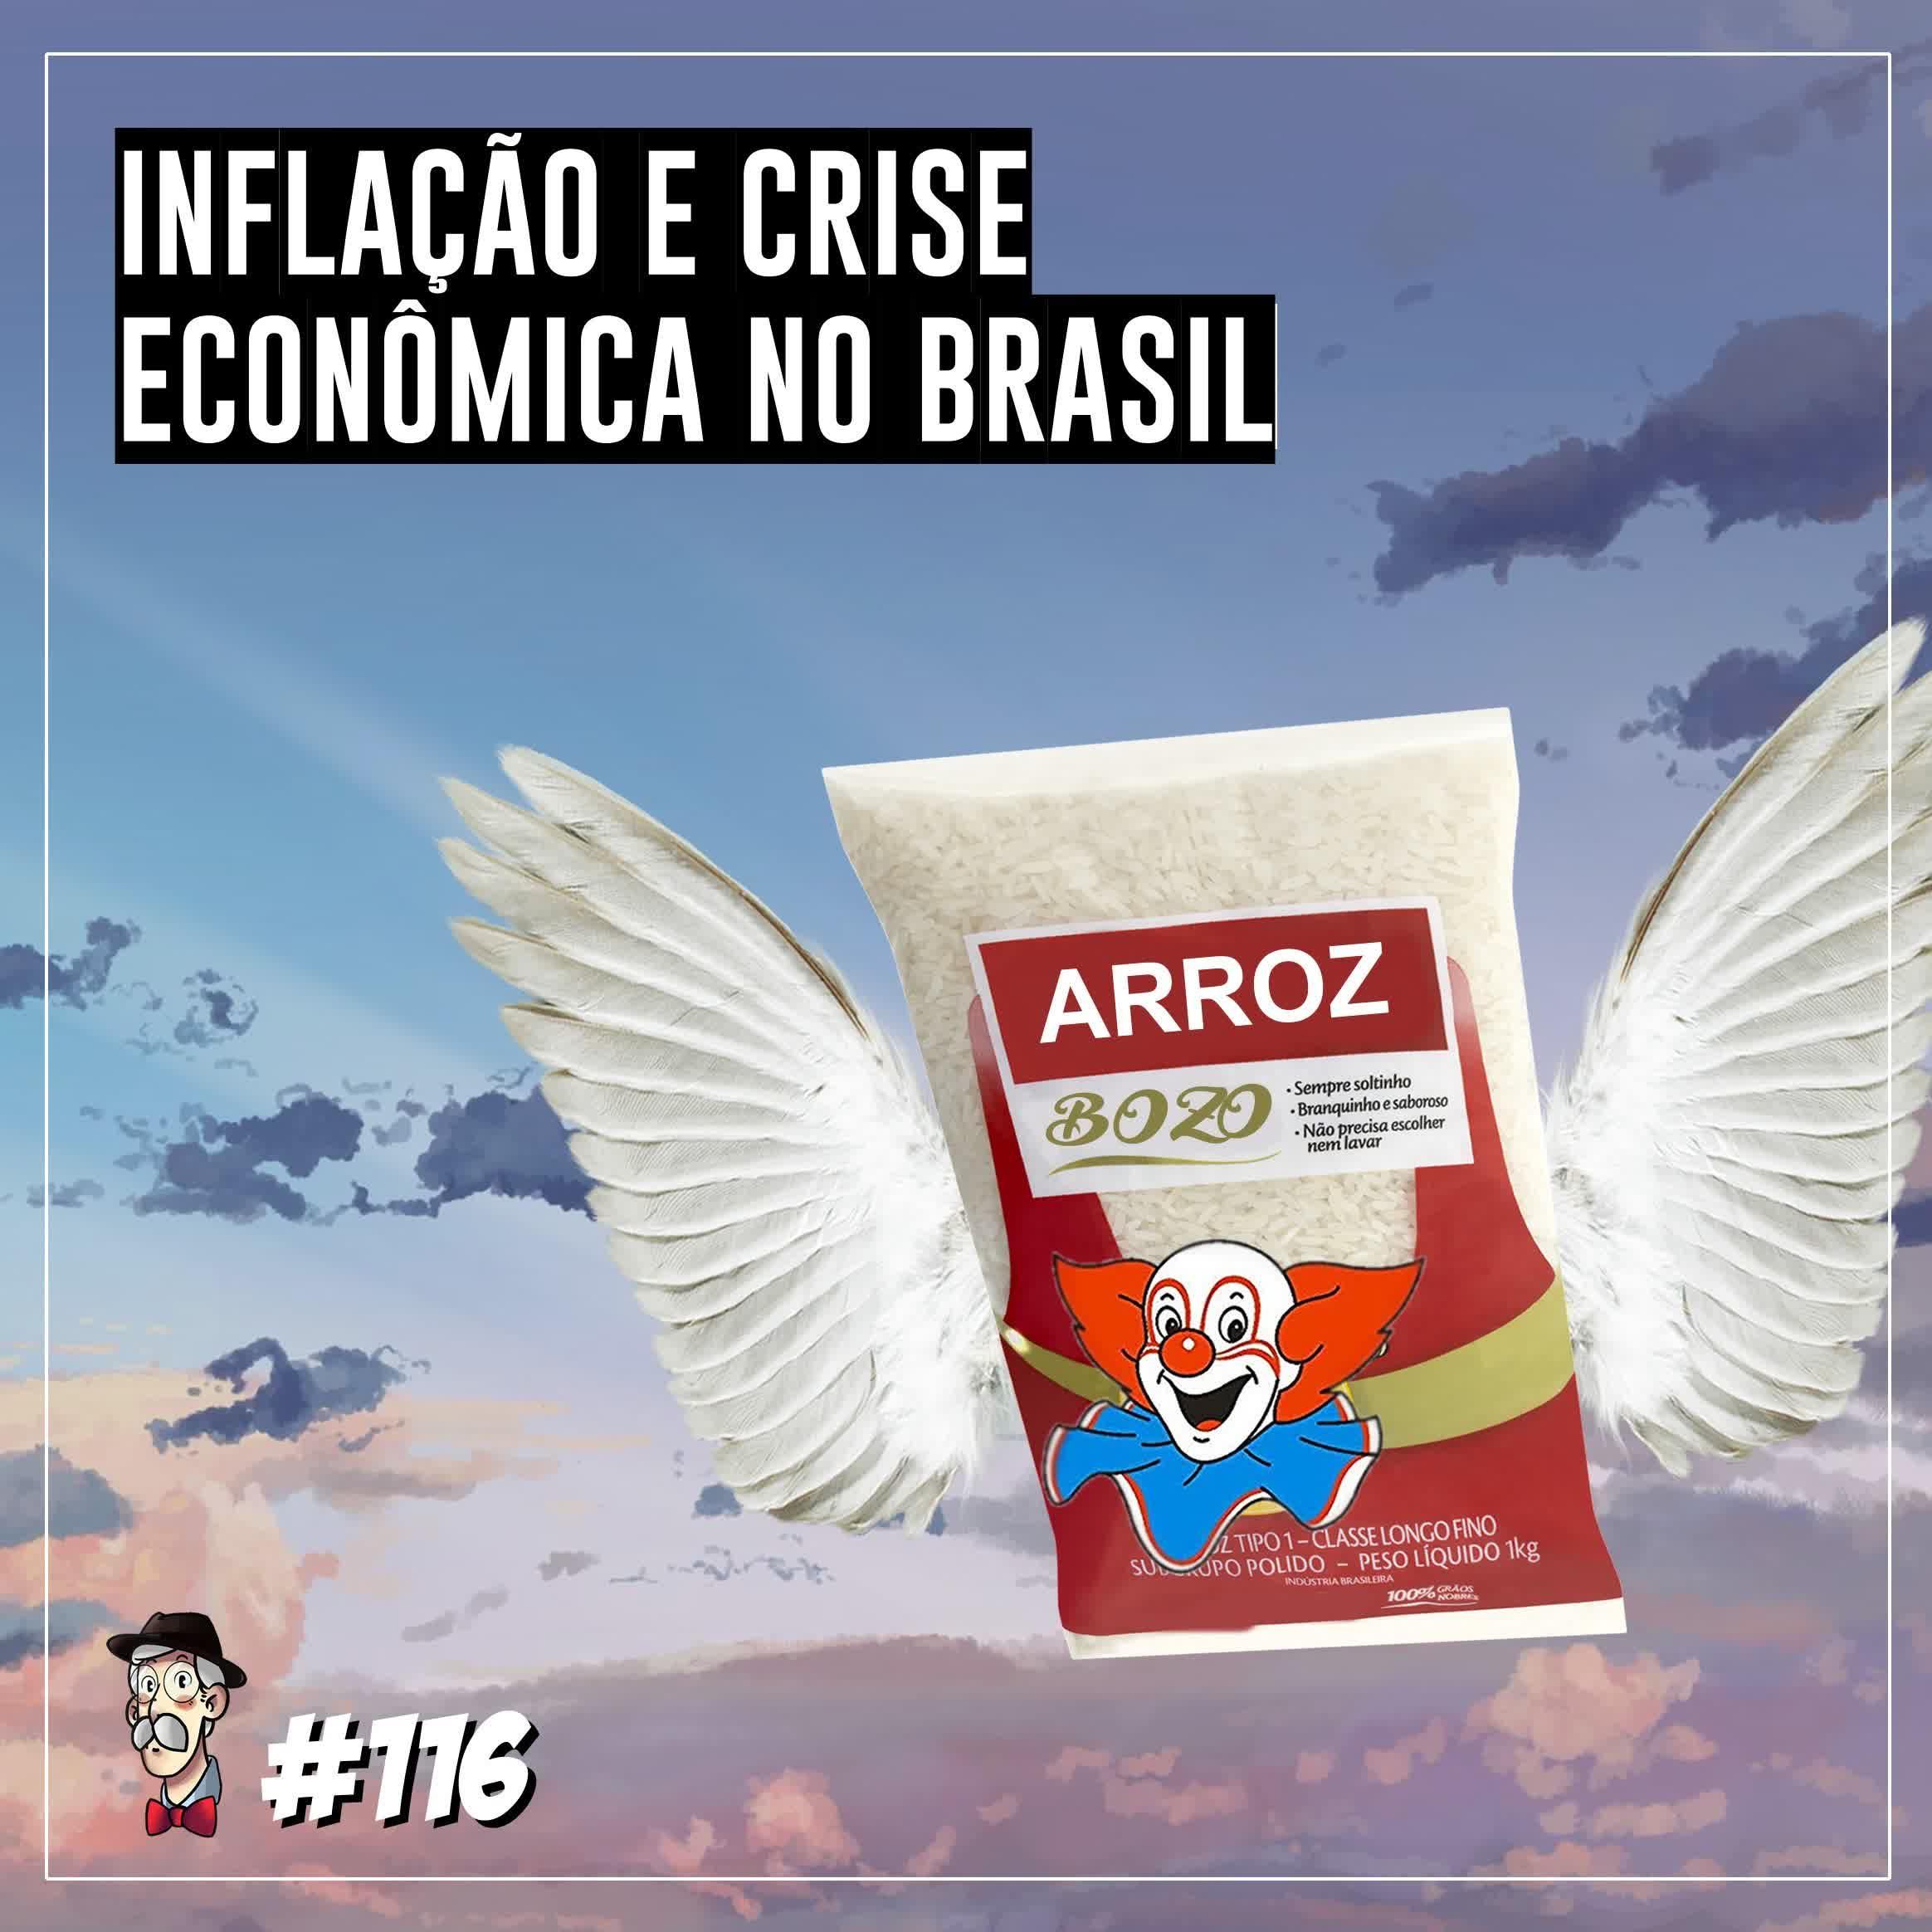 Inflação e crise econômica no Brasil - Programa n.116